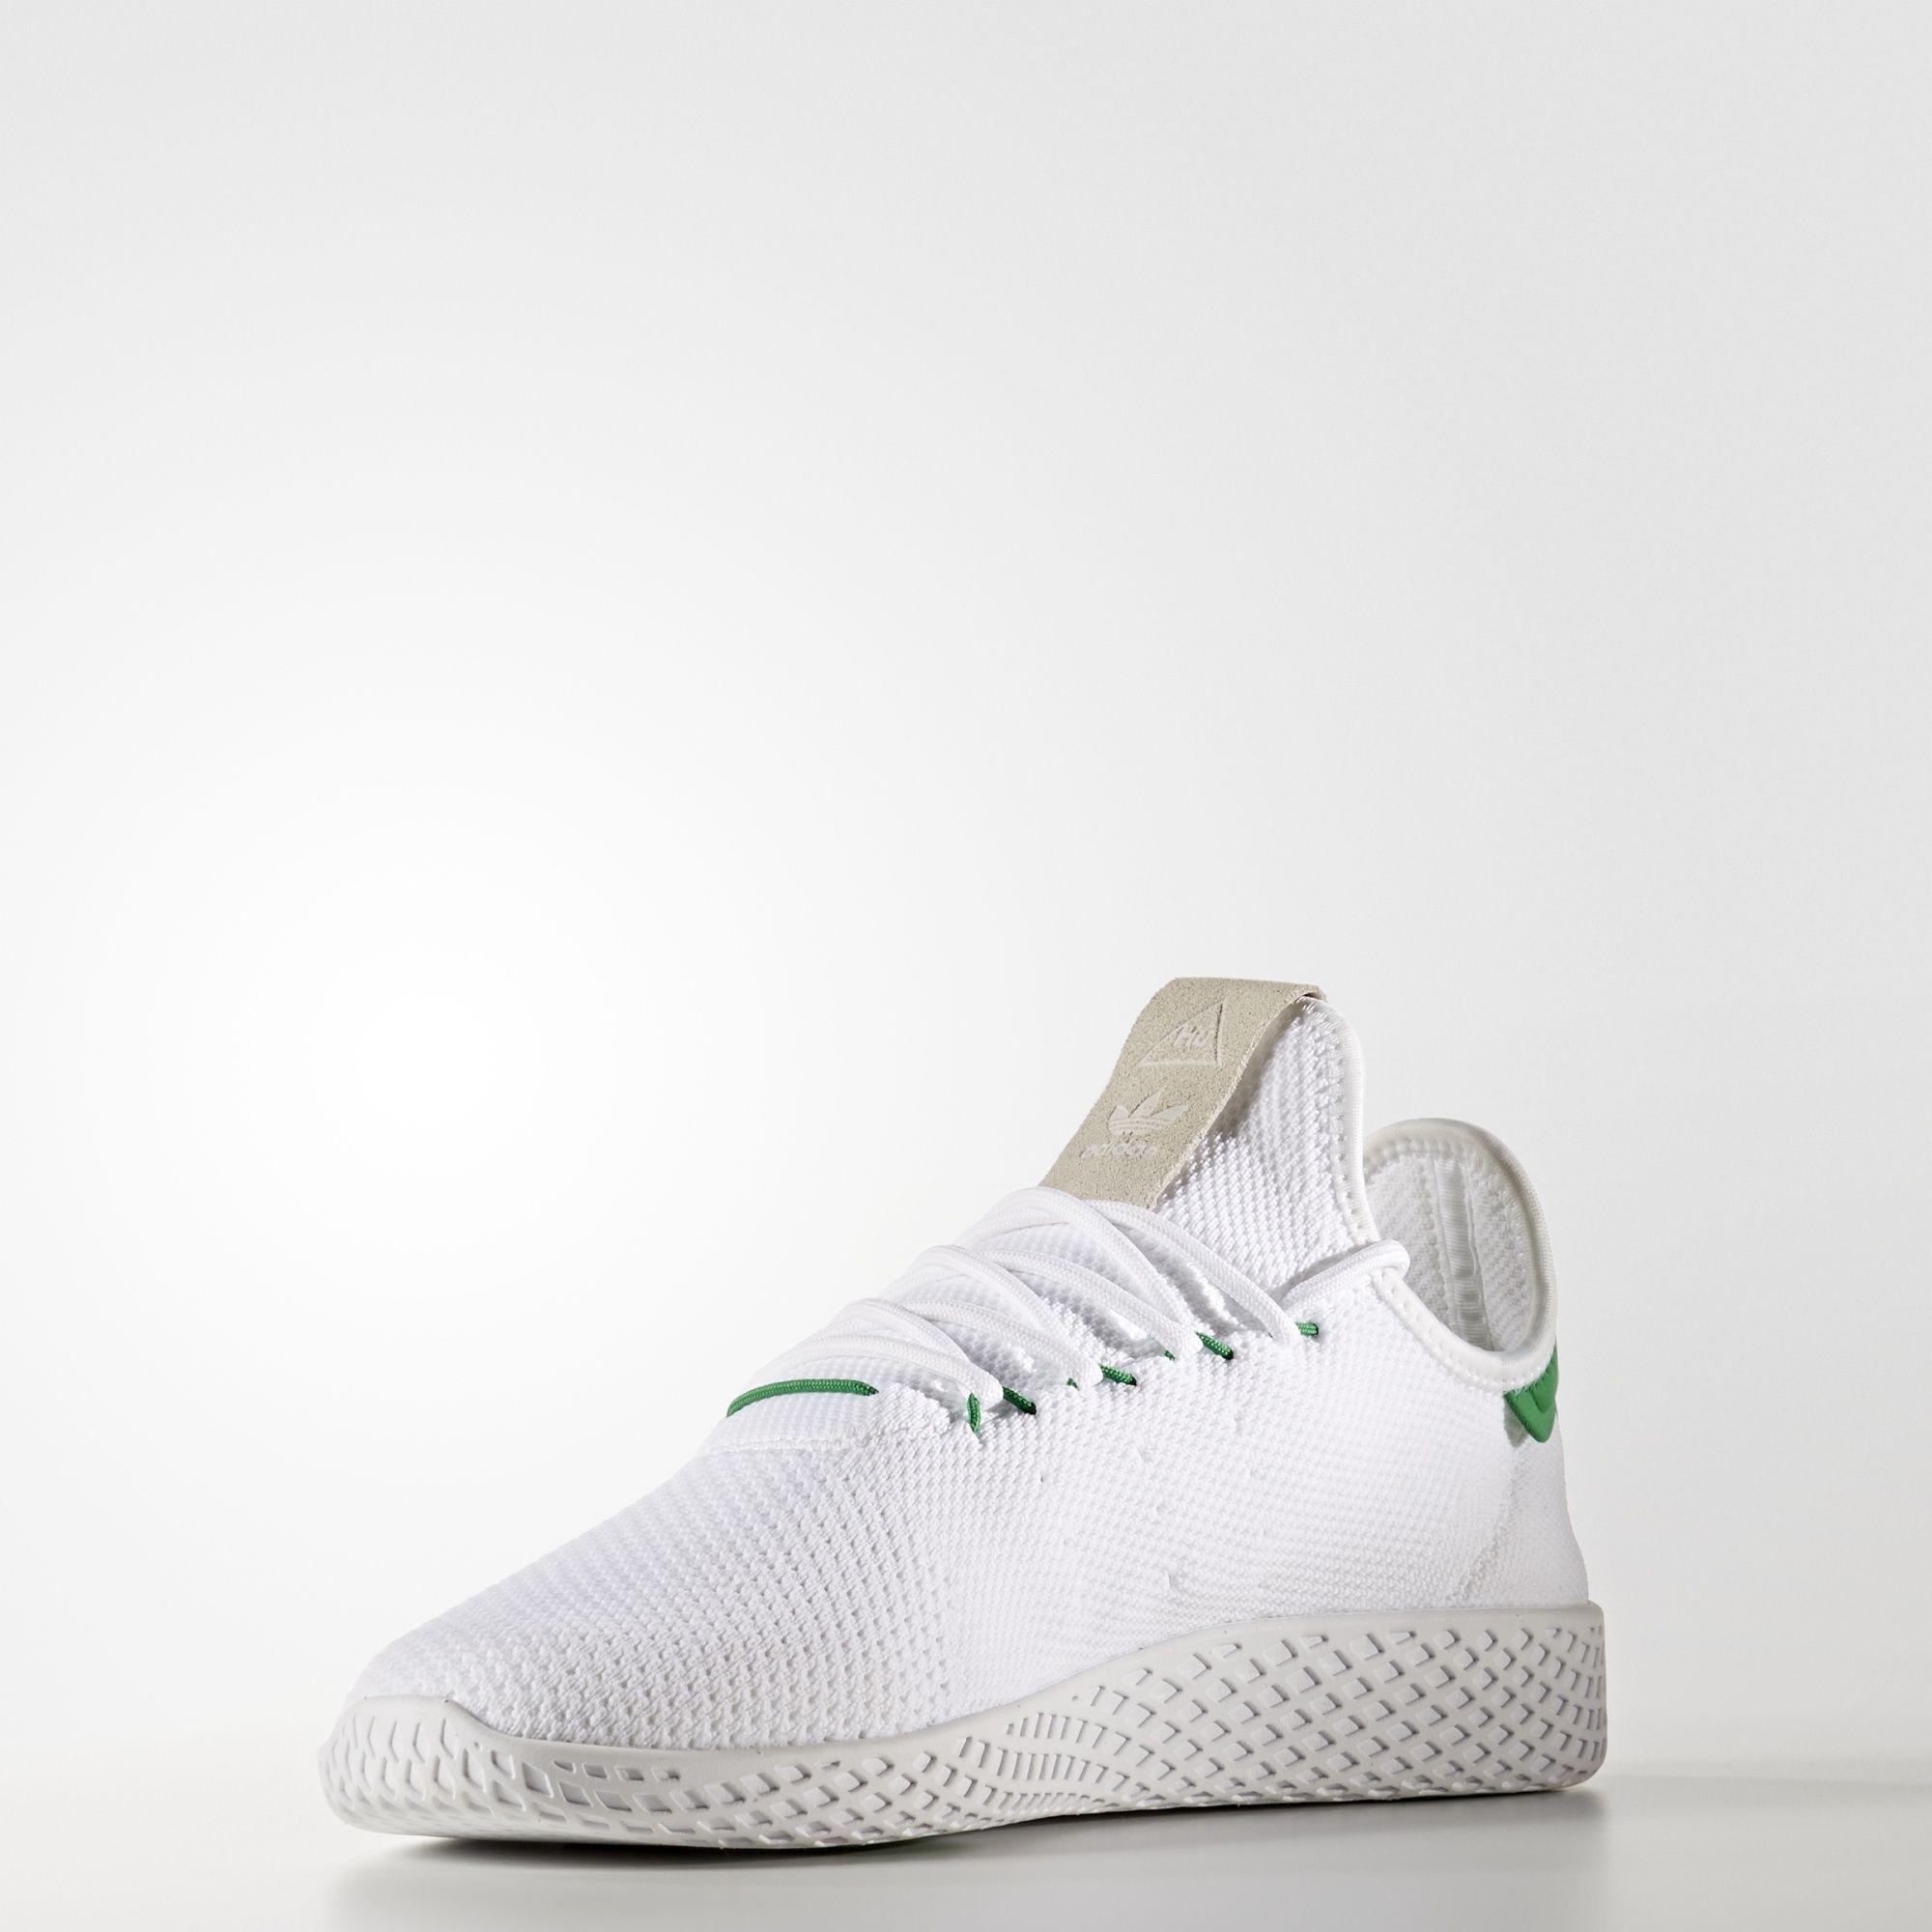 Pharrell Williams x adidas Tennis HU Primeknit Green BA7828 2